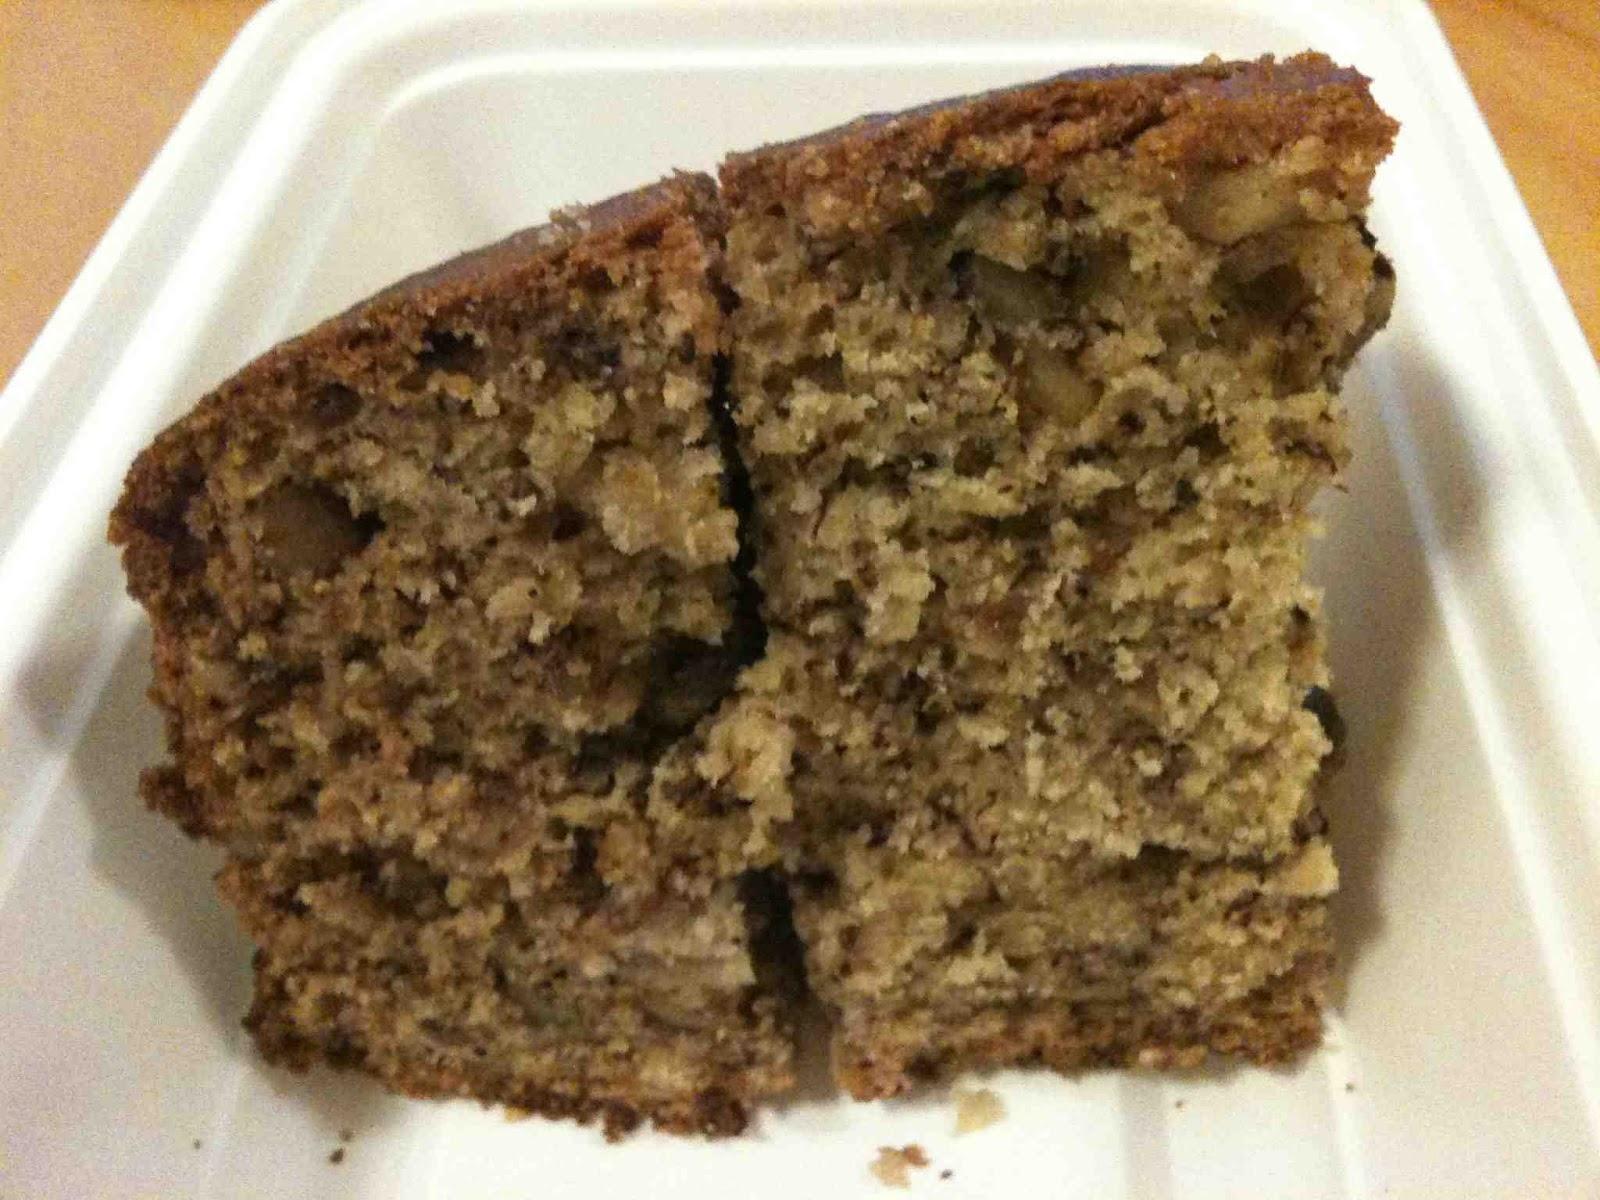 mf eats: Banana walnut cake